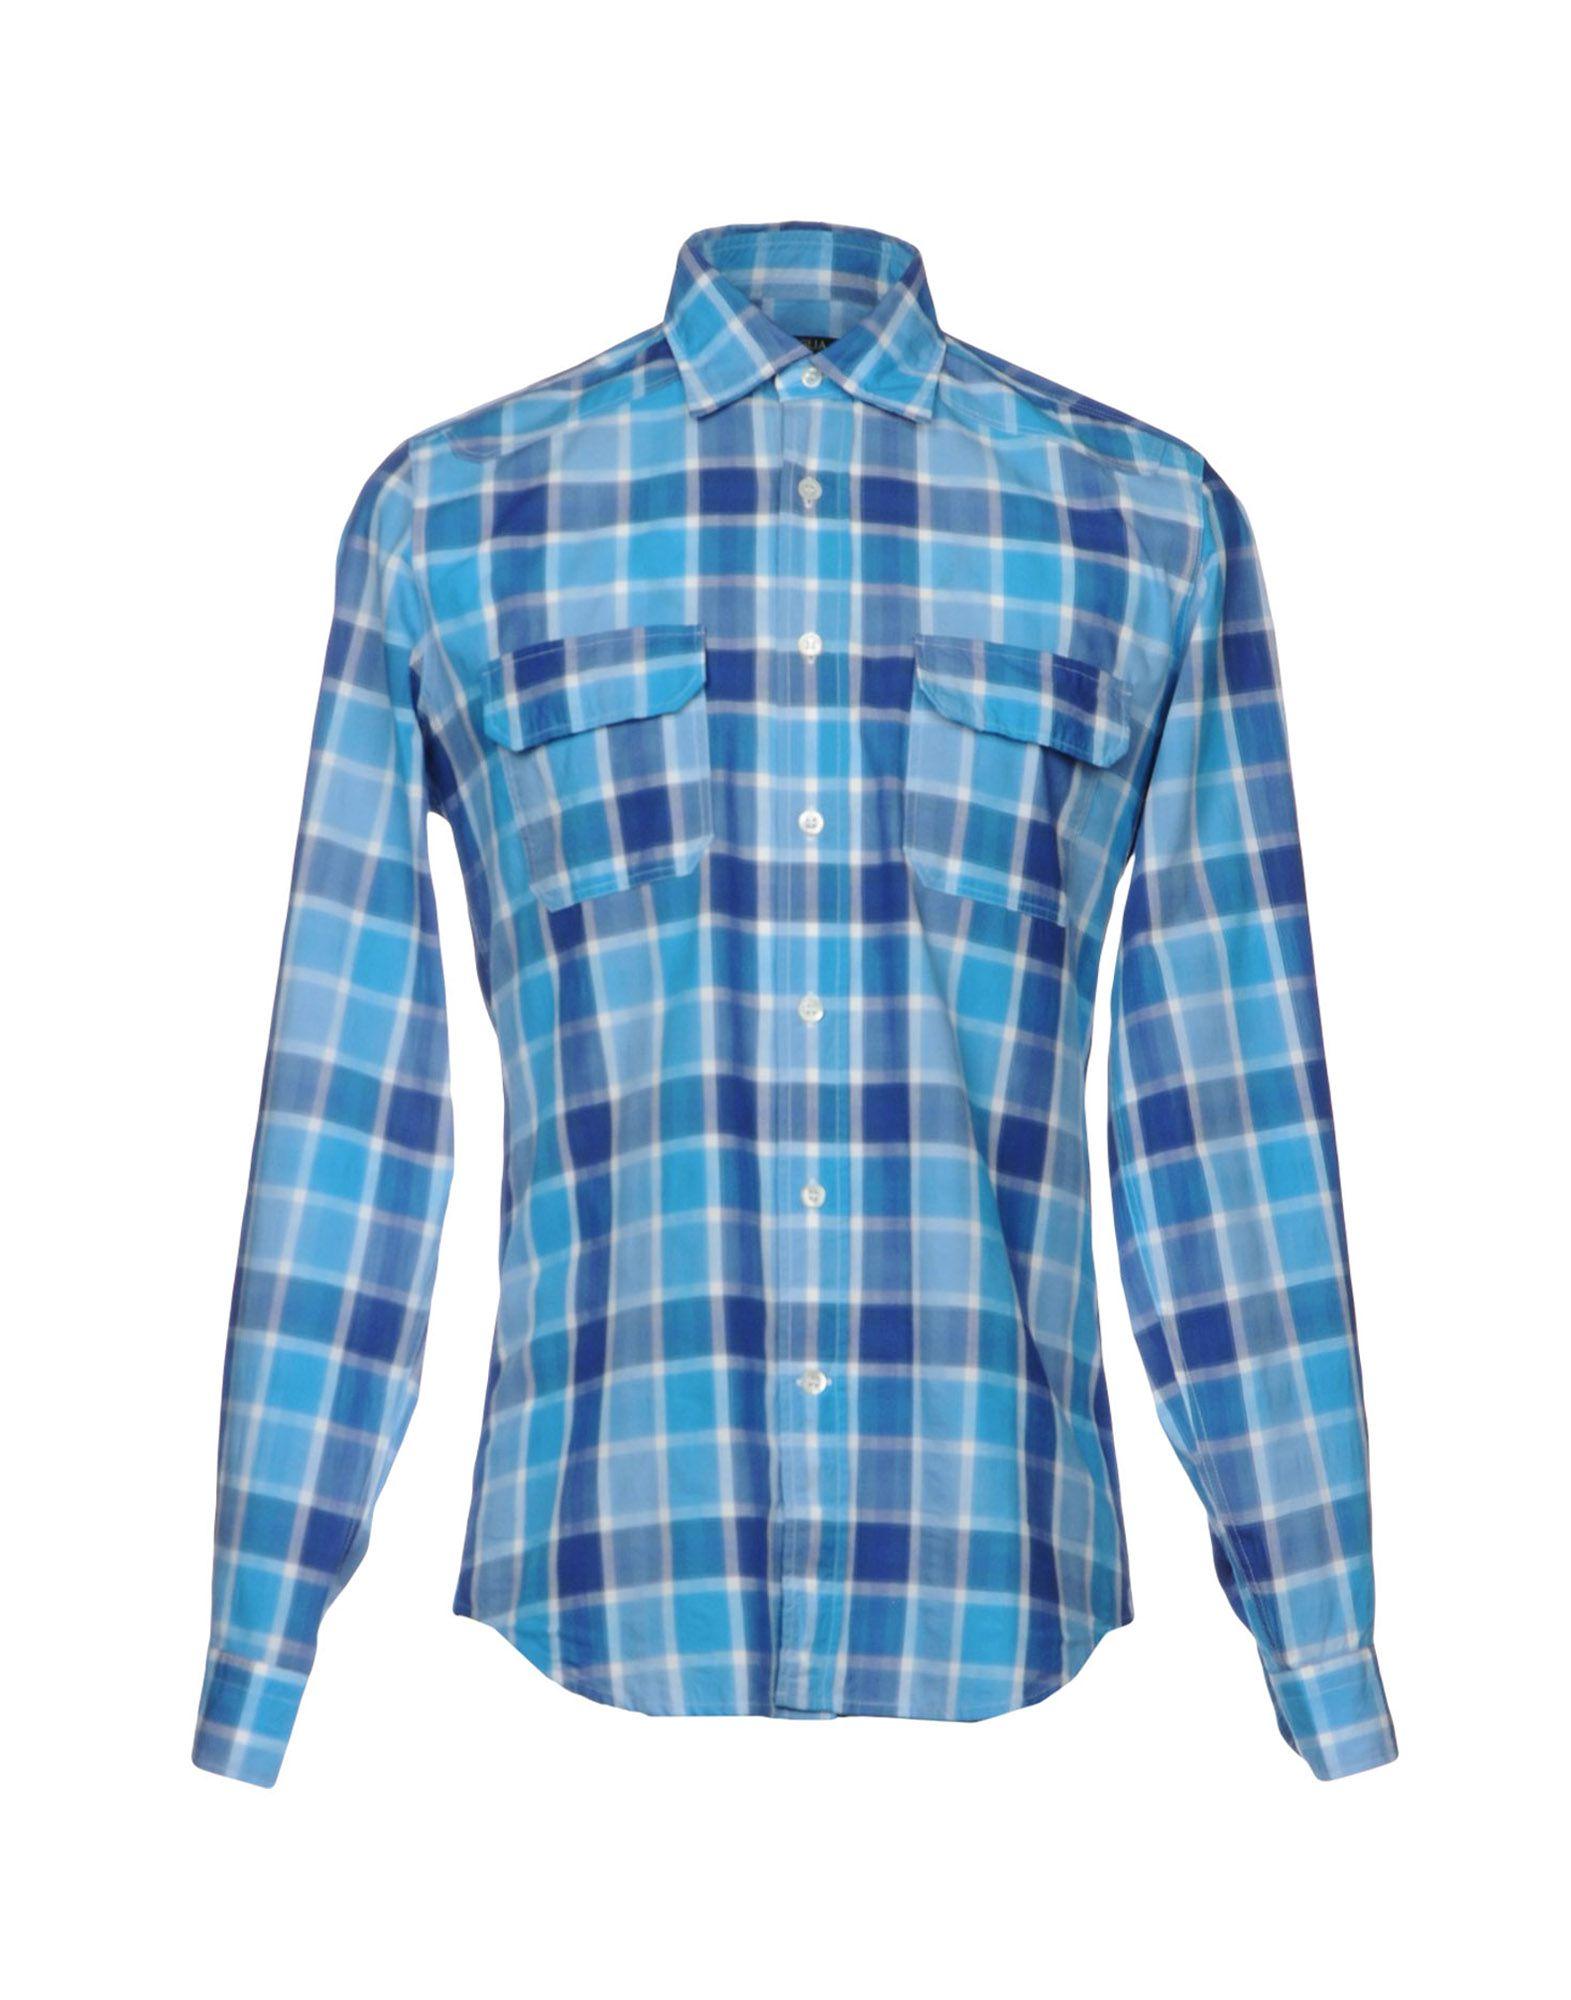 《送料無料》SIVIGLIA メンズ シャツ アジュールブルー 38 コットン 100%